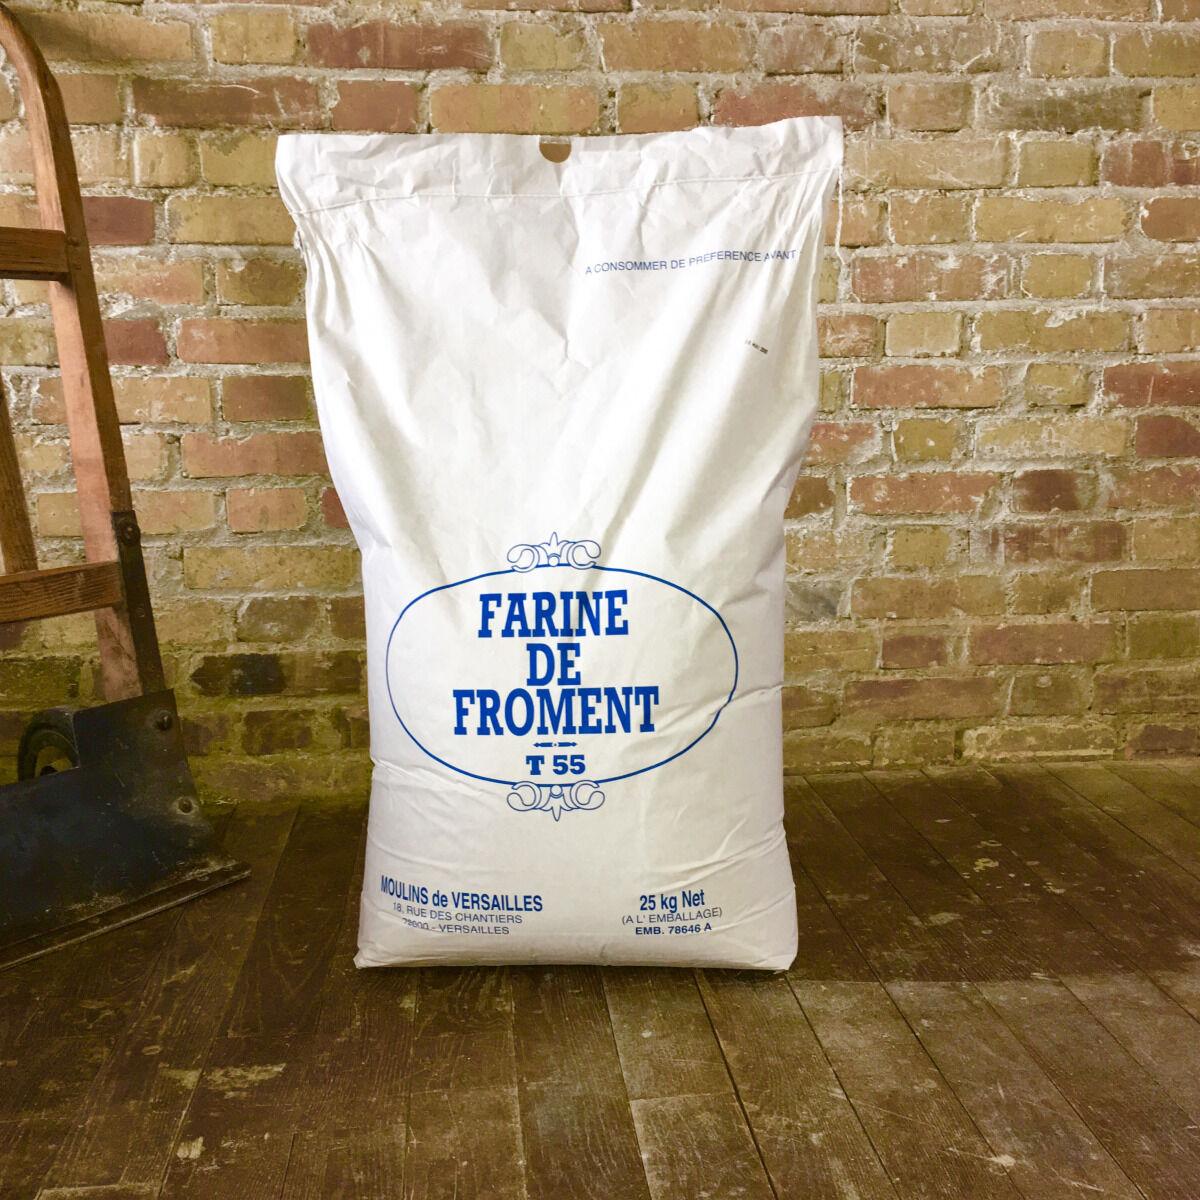 Moulins de Versailles Farine De Froment T55 Corde Blanche - 25kg